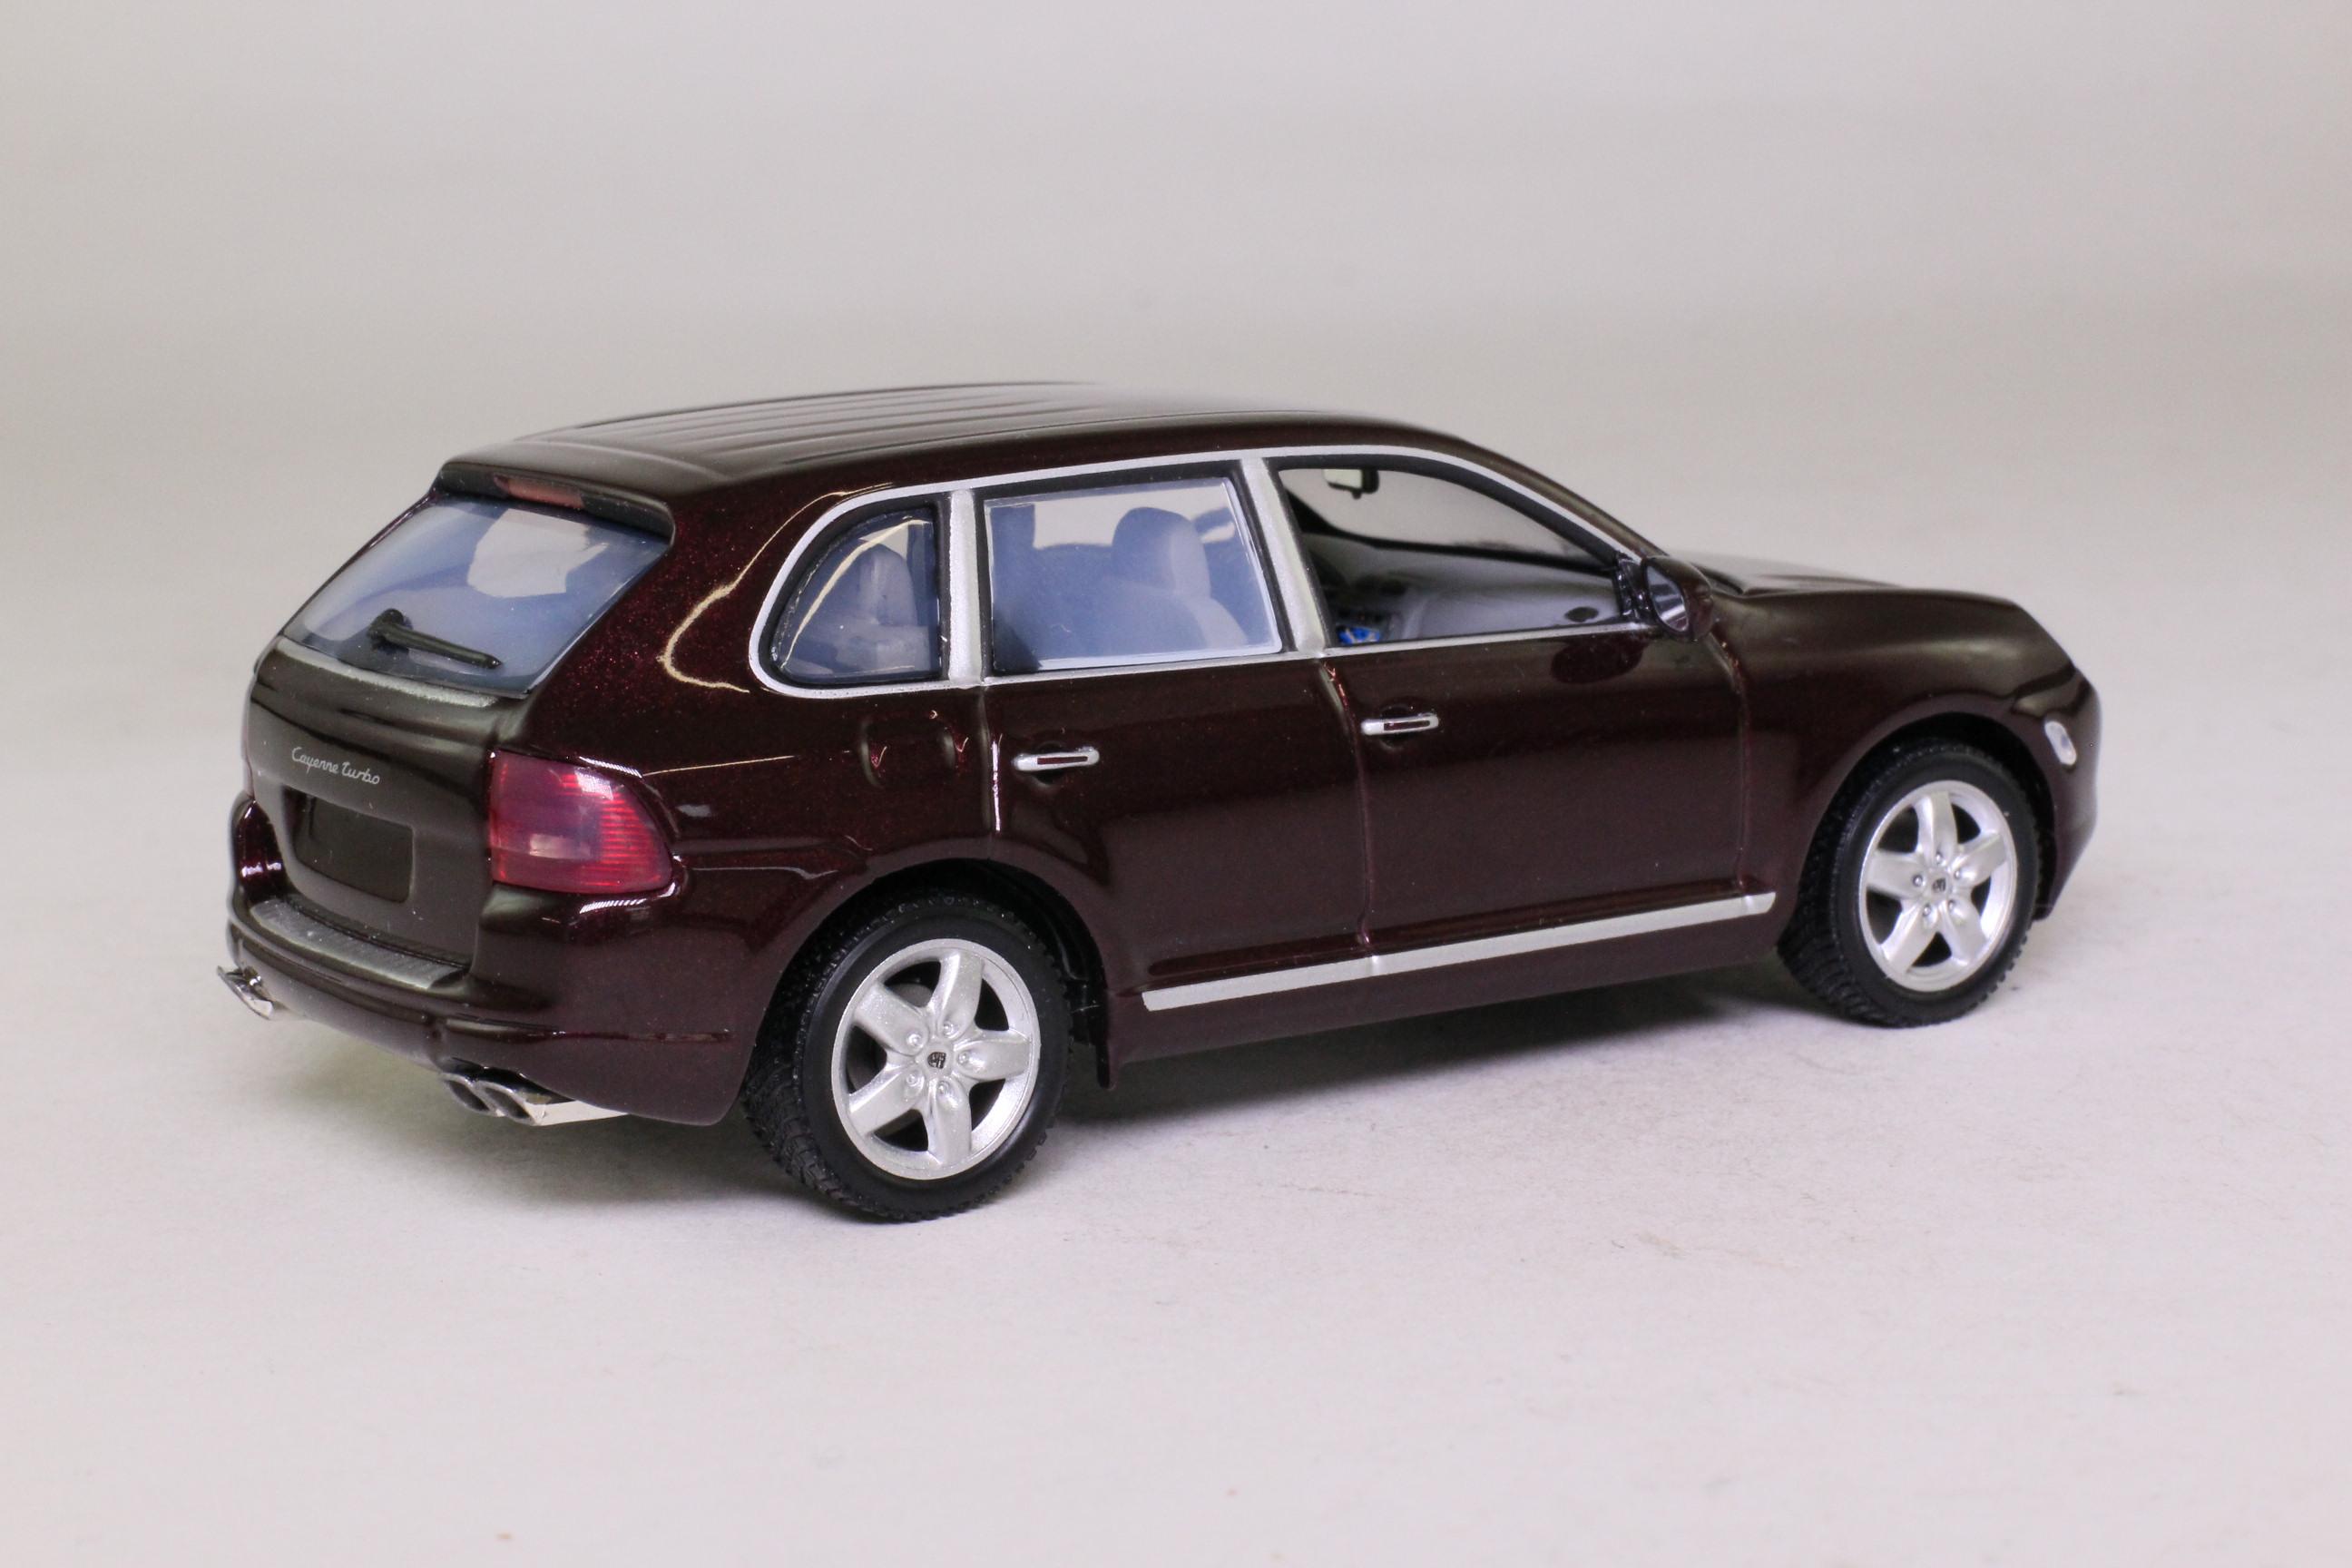 Minichamps WAP C20 001 13; Porsche Cayenne; Turbo, Dark Maroon